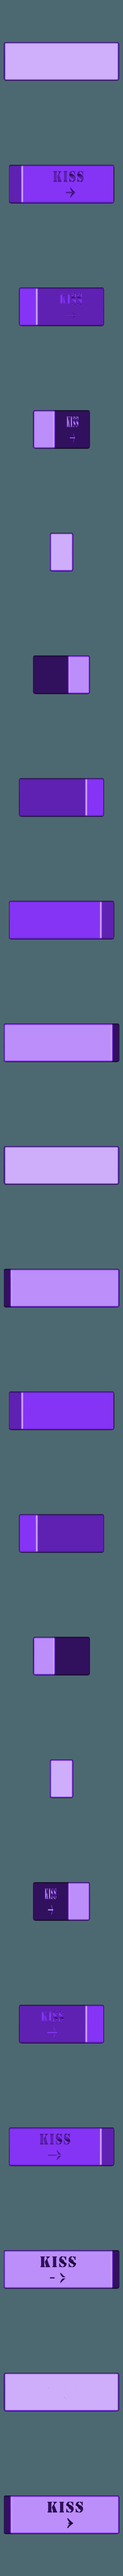 Jenga block - Kiss (right).stl Download STL file Jenga Rules • 3D print model, Made_In_Space